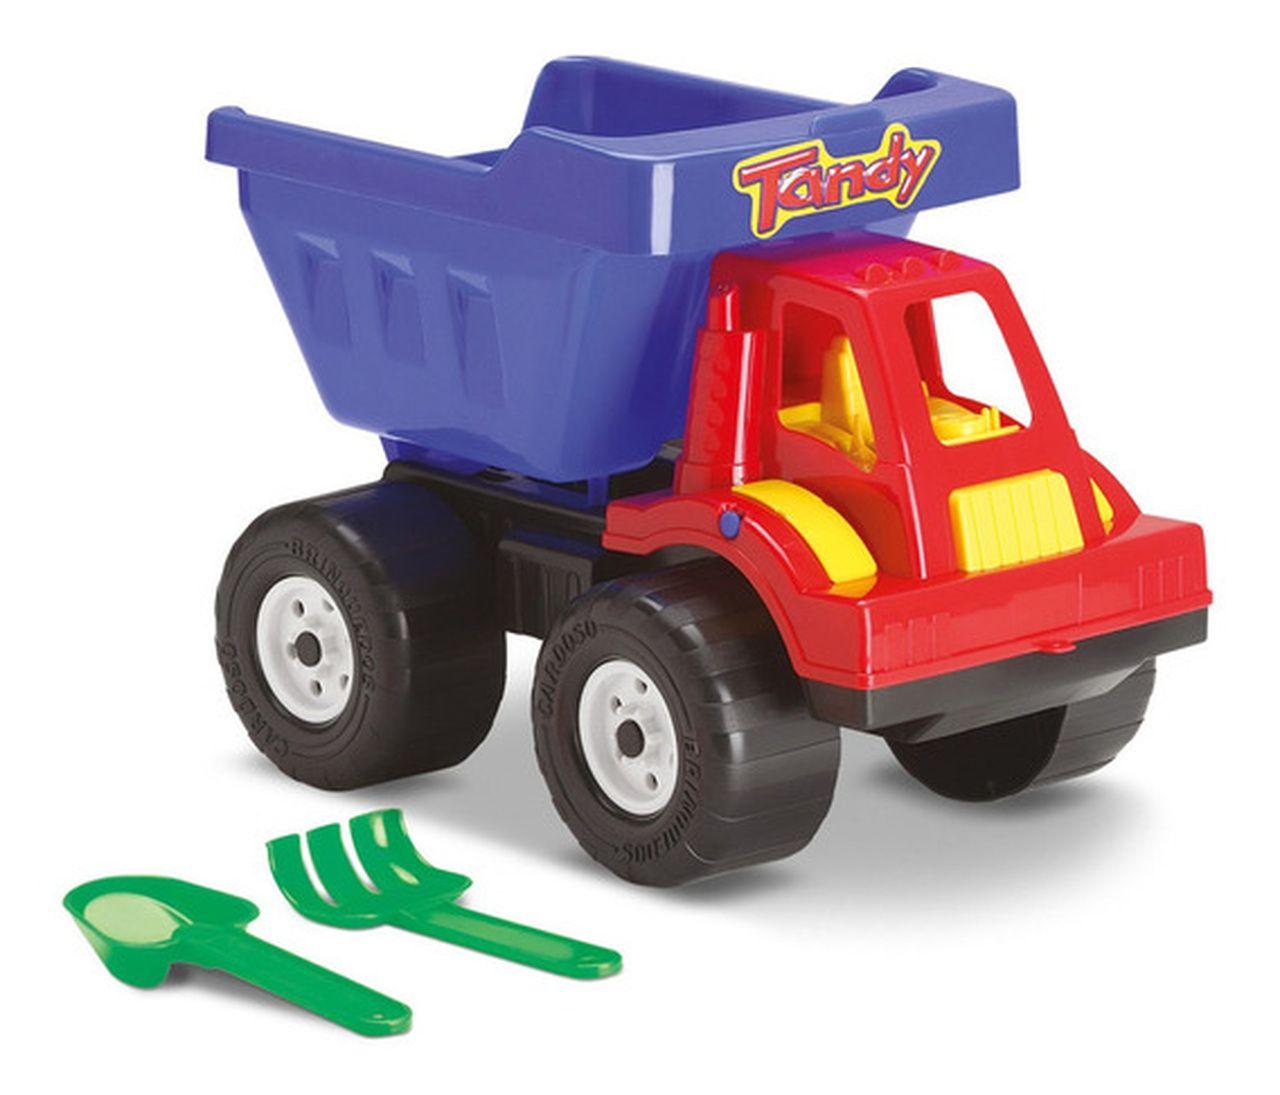 Brinquedo Infantil Tandy Caçamba - Cardoso 0071